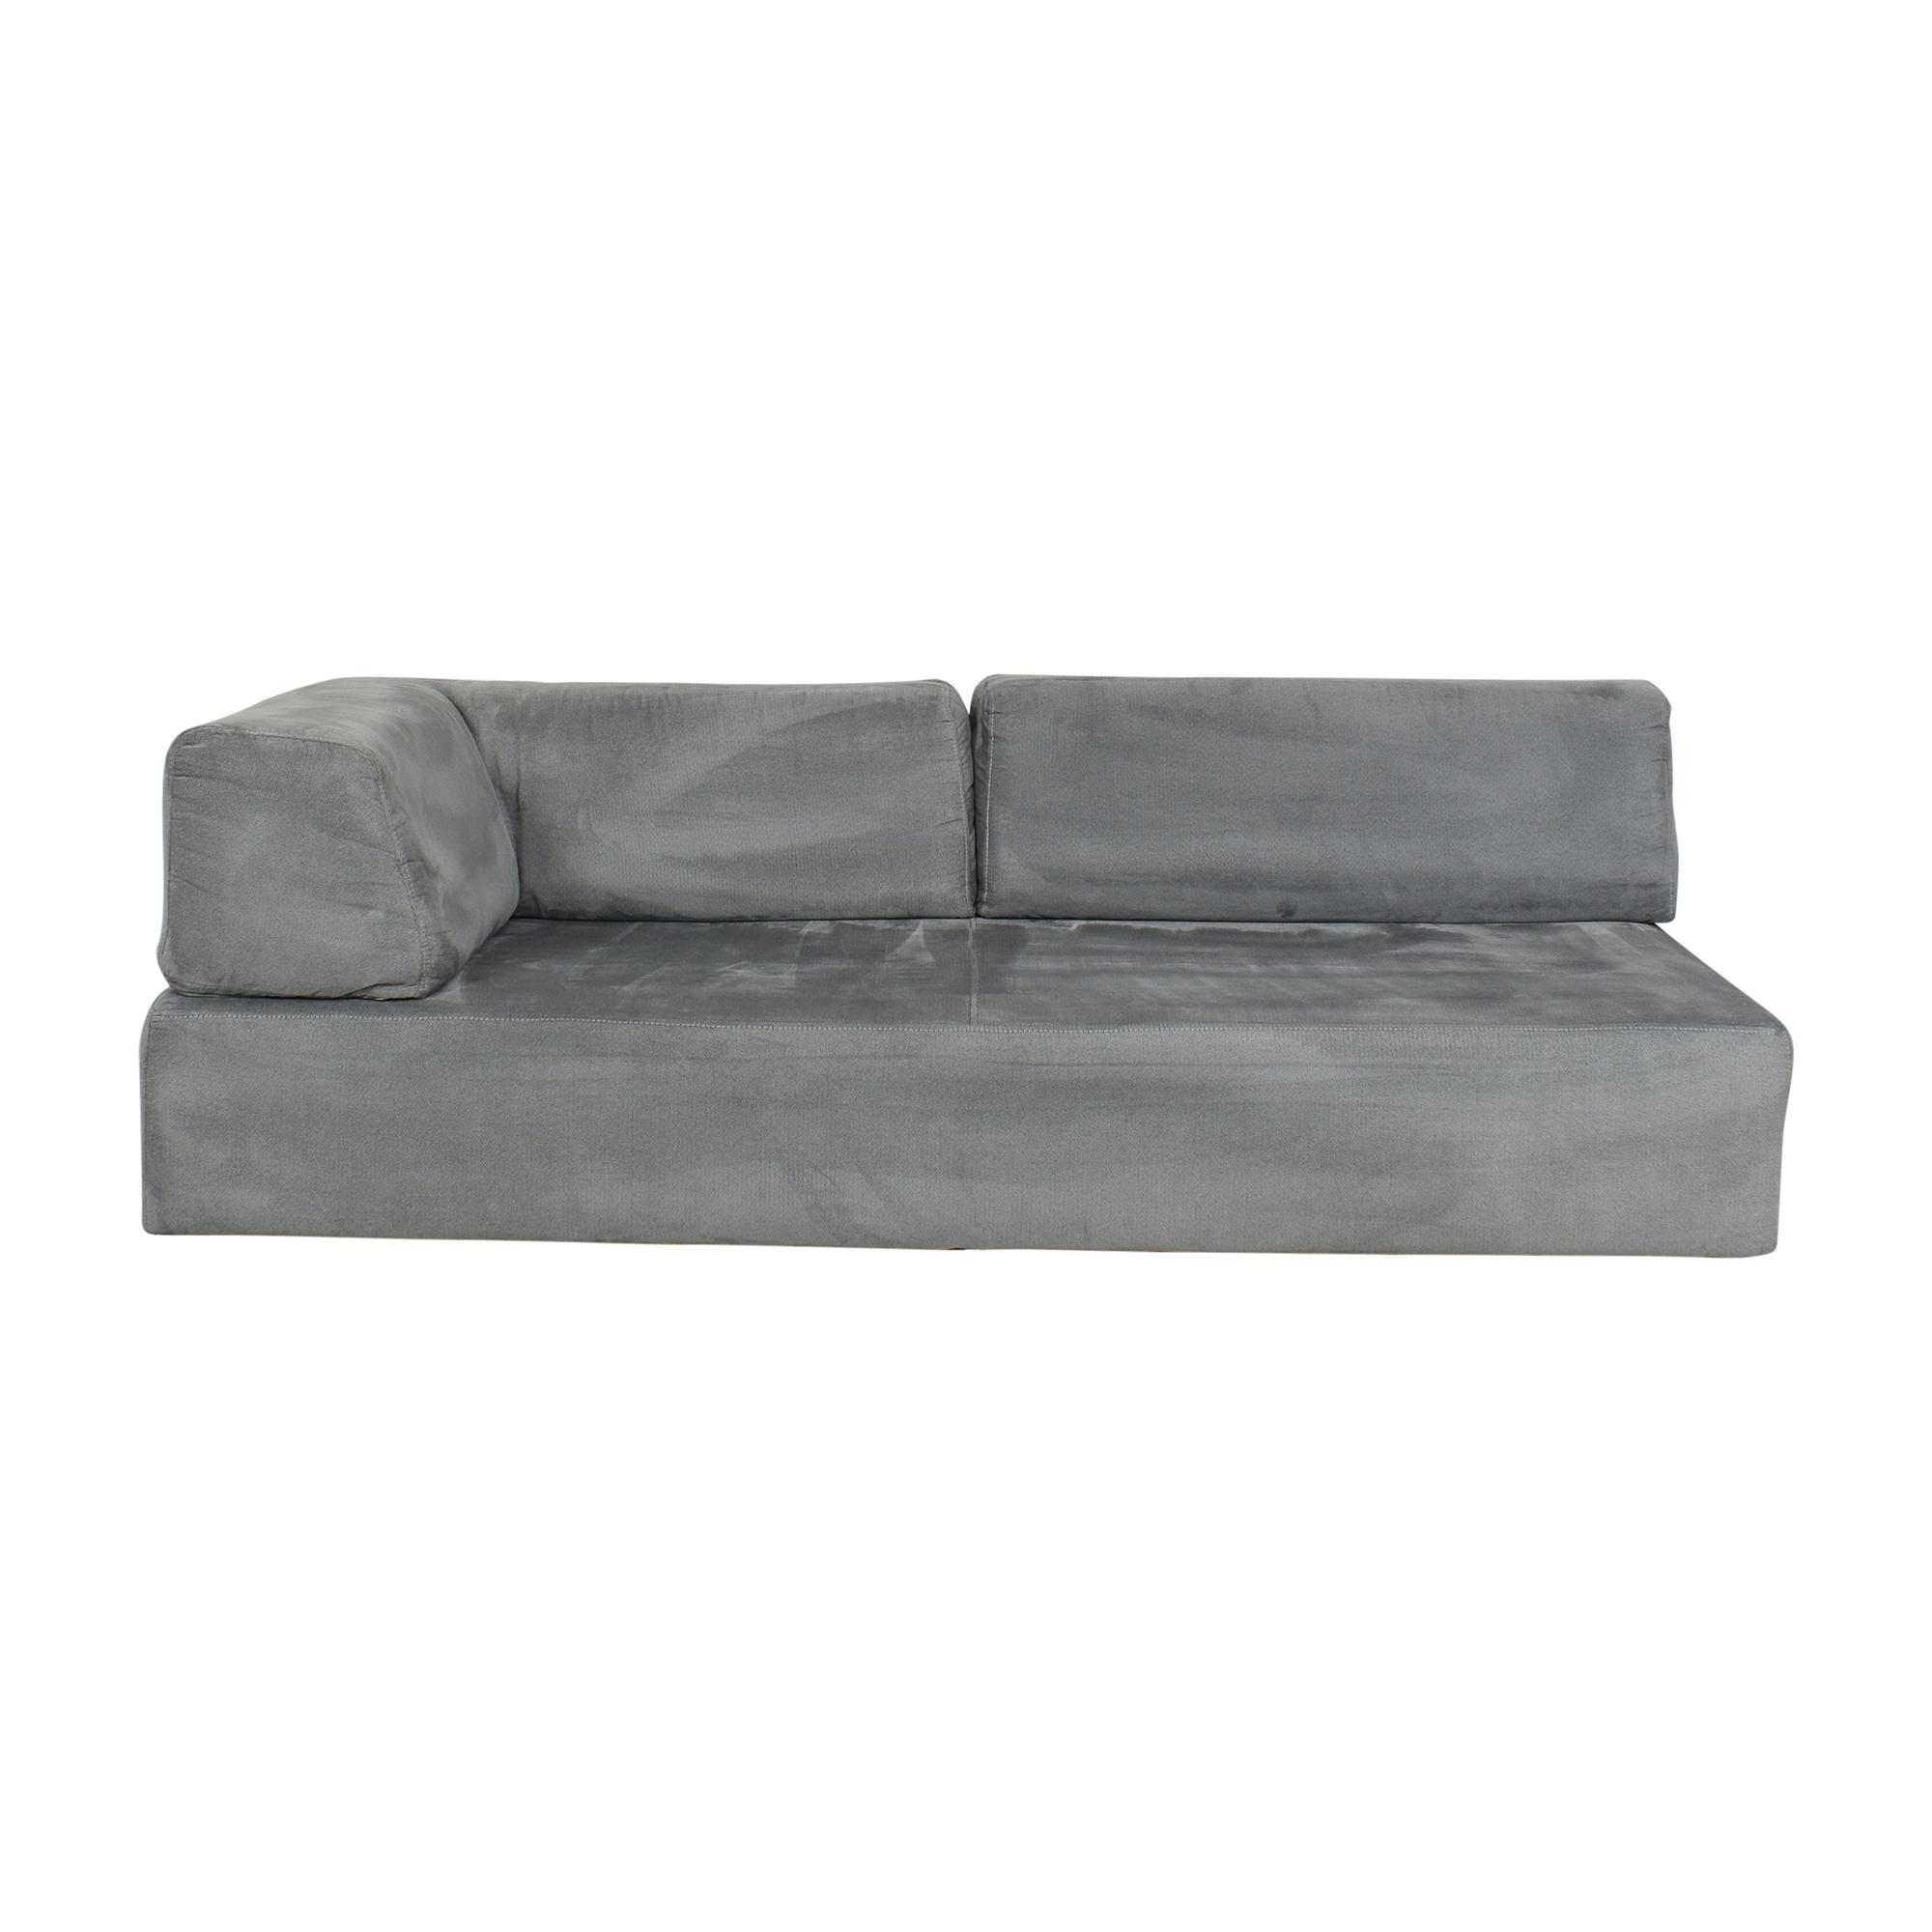 shop West Elm West Elm Tillary Modular Sofa online